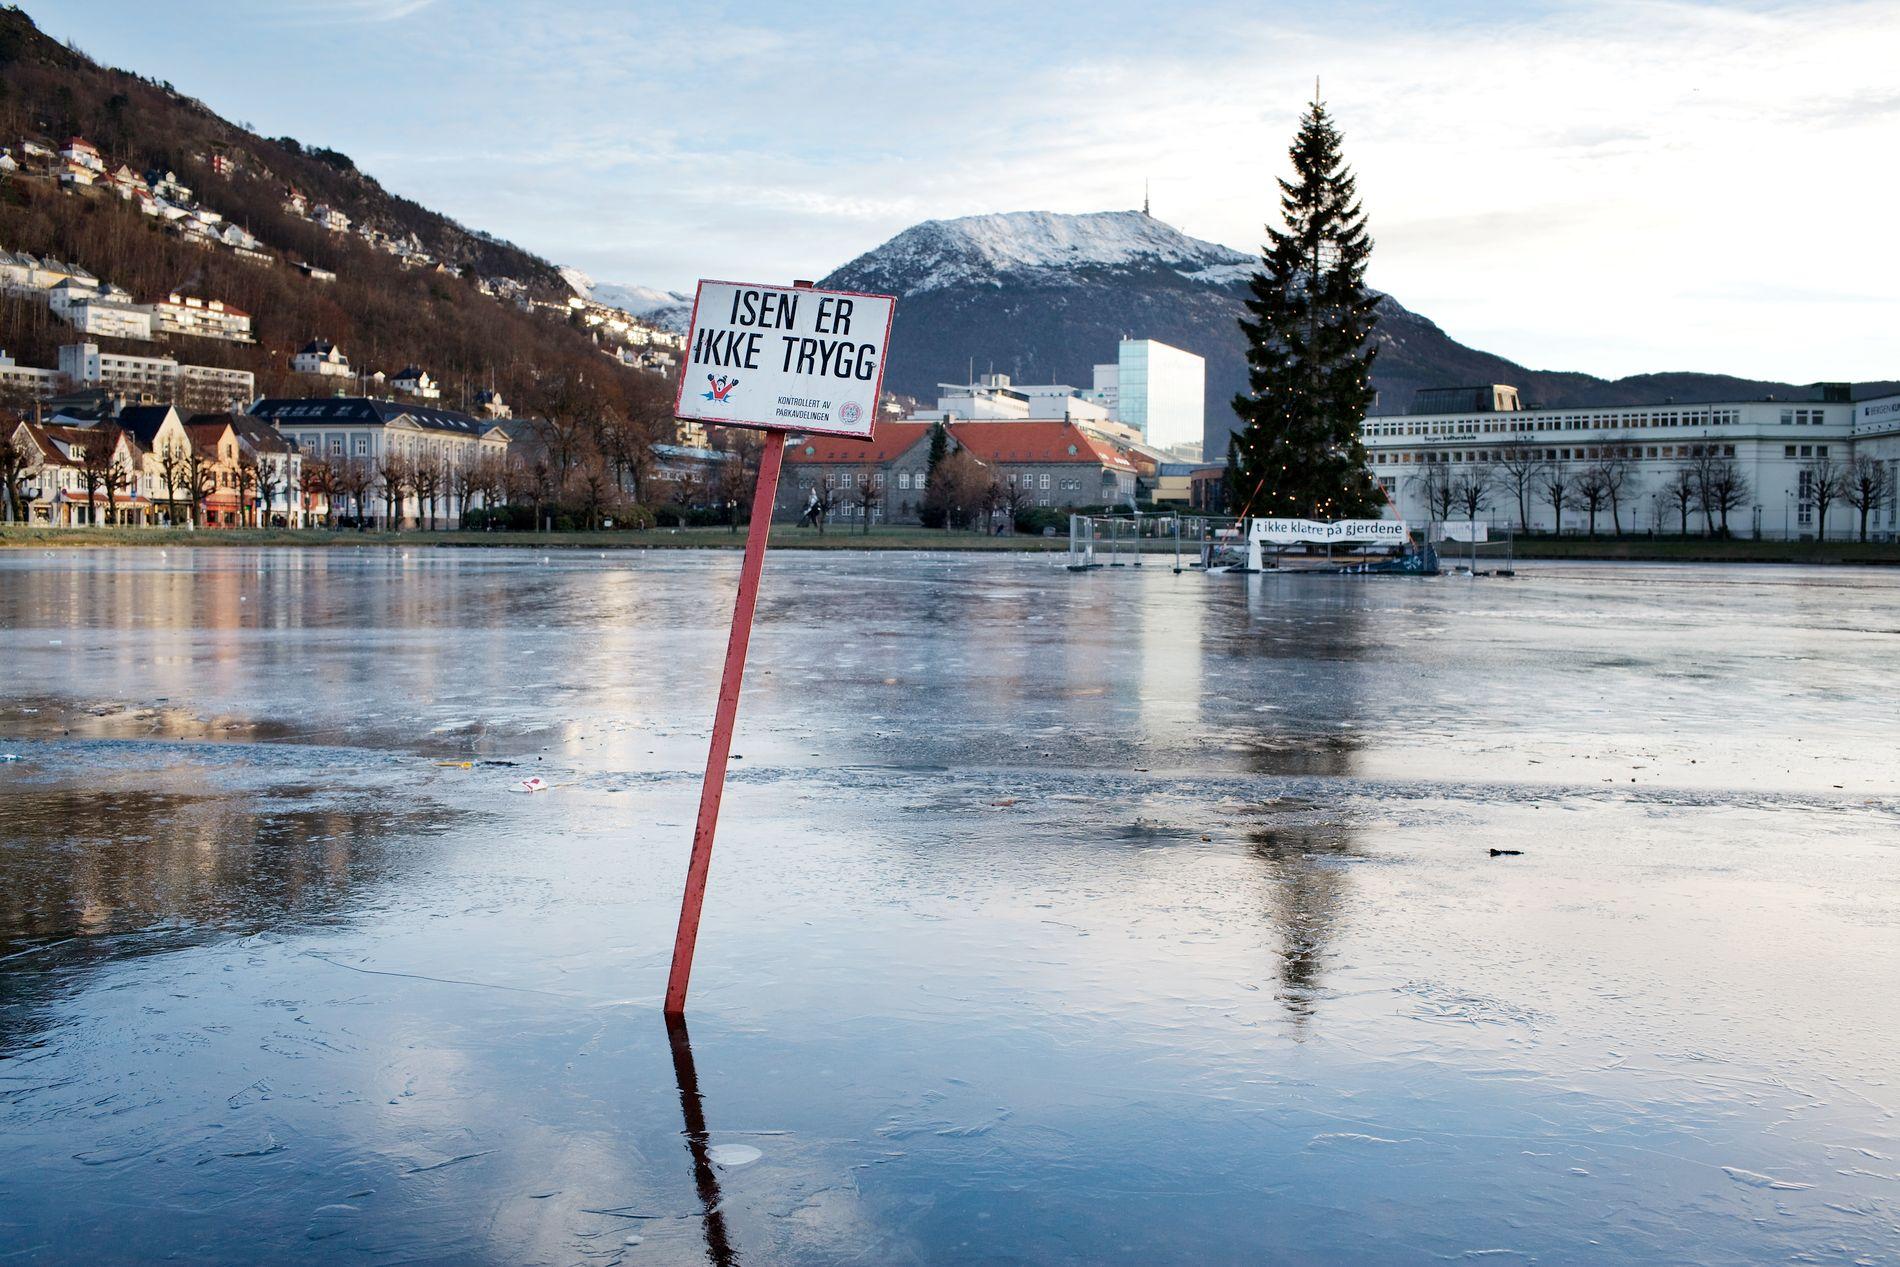 IKKE TRYGG: Politiet ber folk holde seg borte fra islagte vann i Bergensområdet. – Isen er slett ikke trygg nok og vi har ikke råd til å miste noen, sier operasjonsleder i Vest politidistrikt, Morten Kronen.